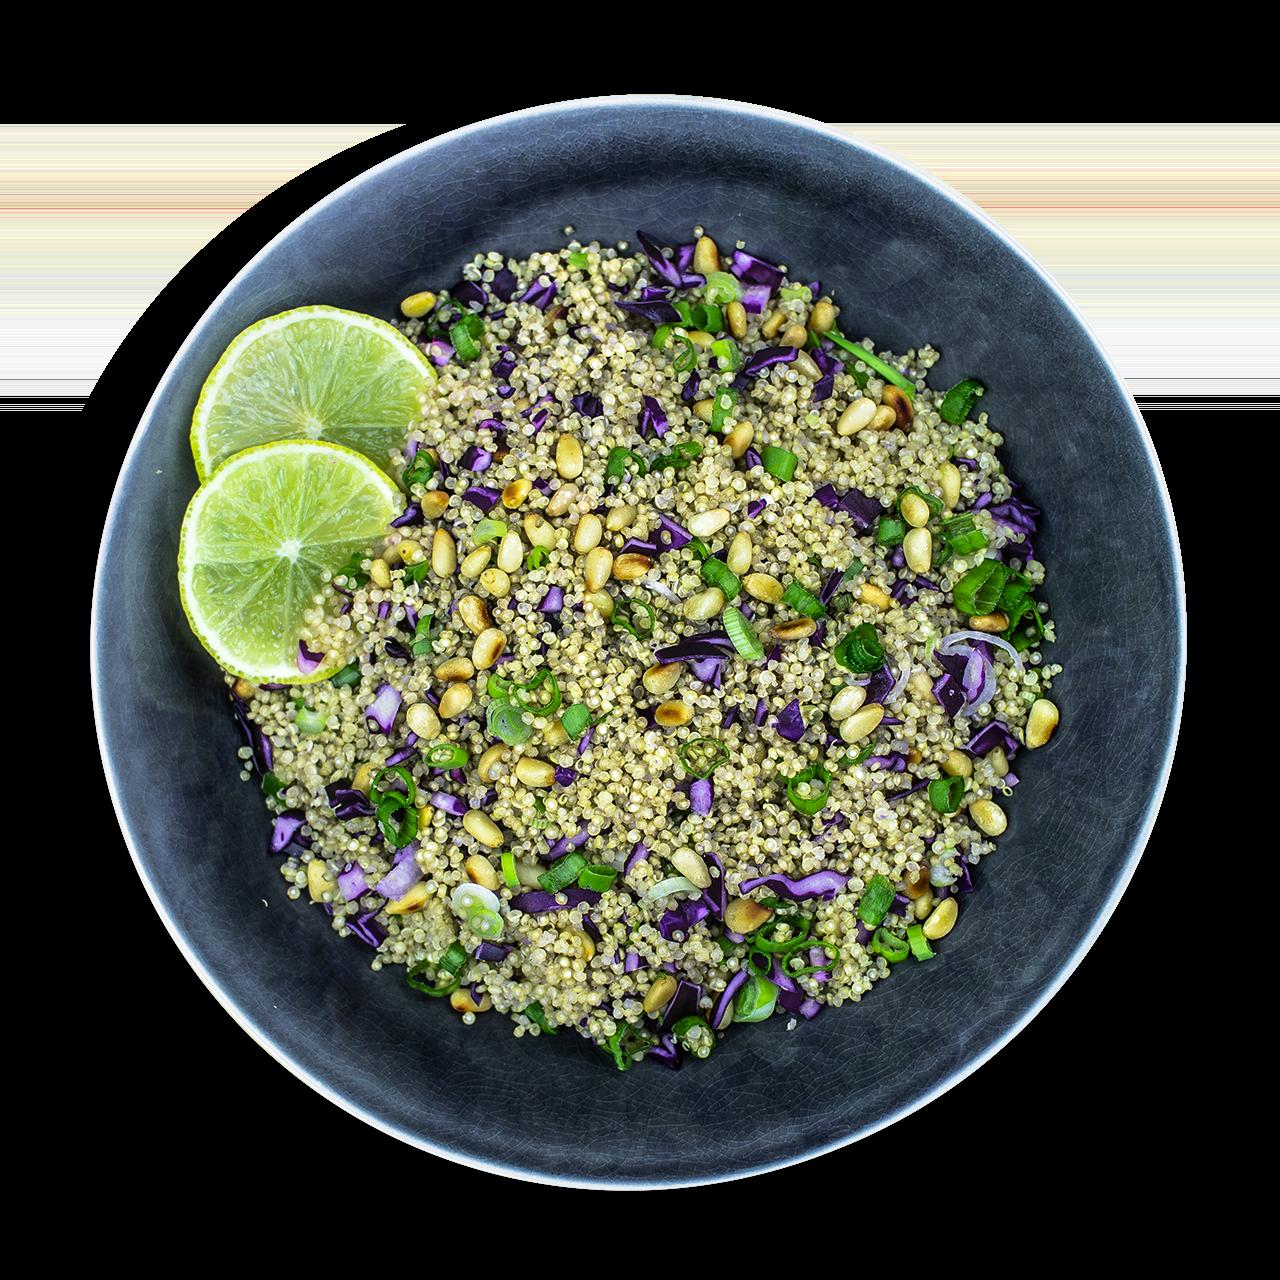 tostibanaan-quinoa-salade-bosui-pijnboompitten